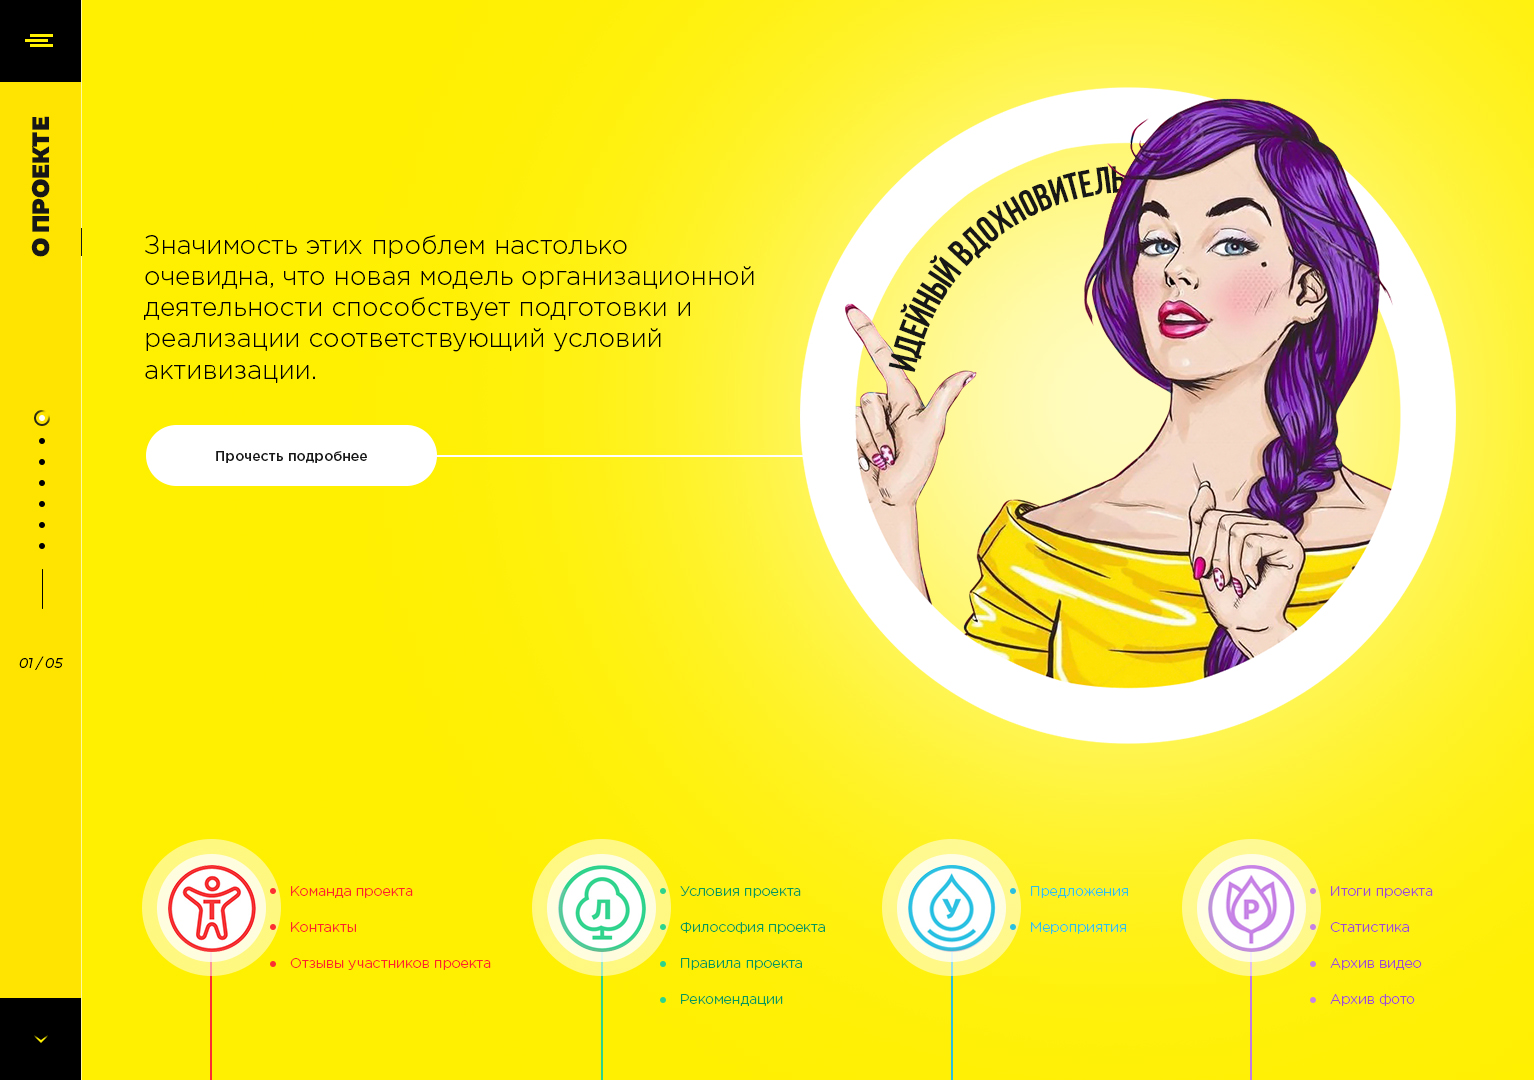 Креативный дизайн внутренней страницы портала для детей фото f_8215cfaae39e7faa.jpg